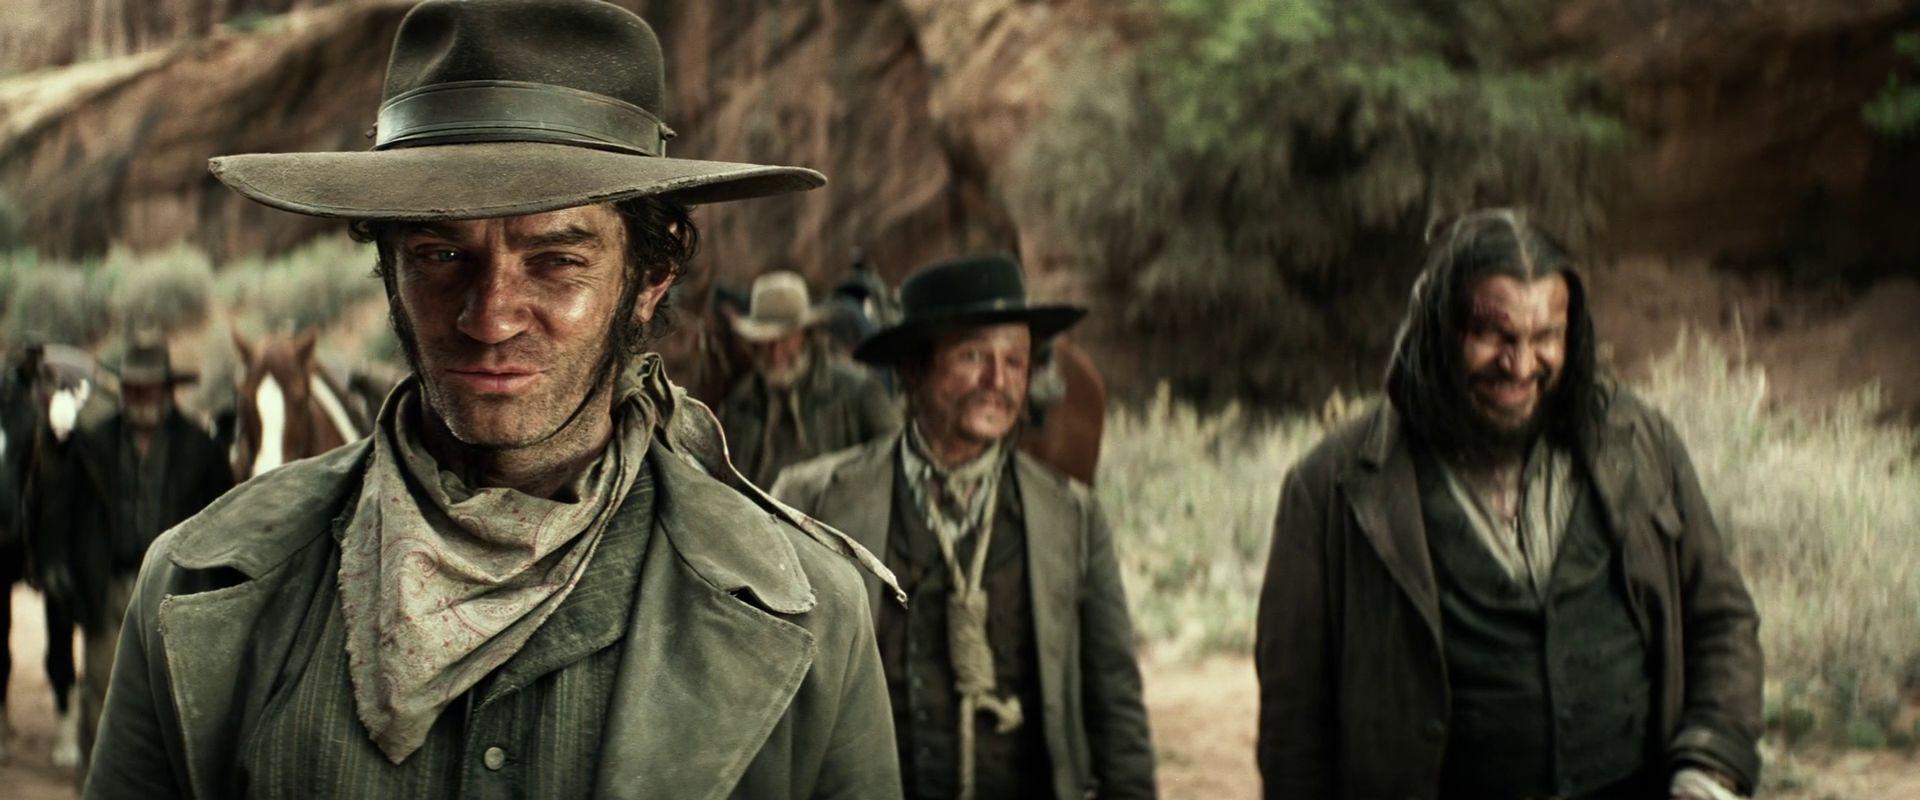 Cavendish's Gang